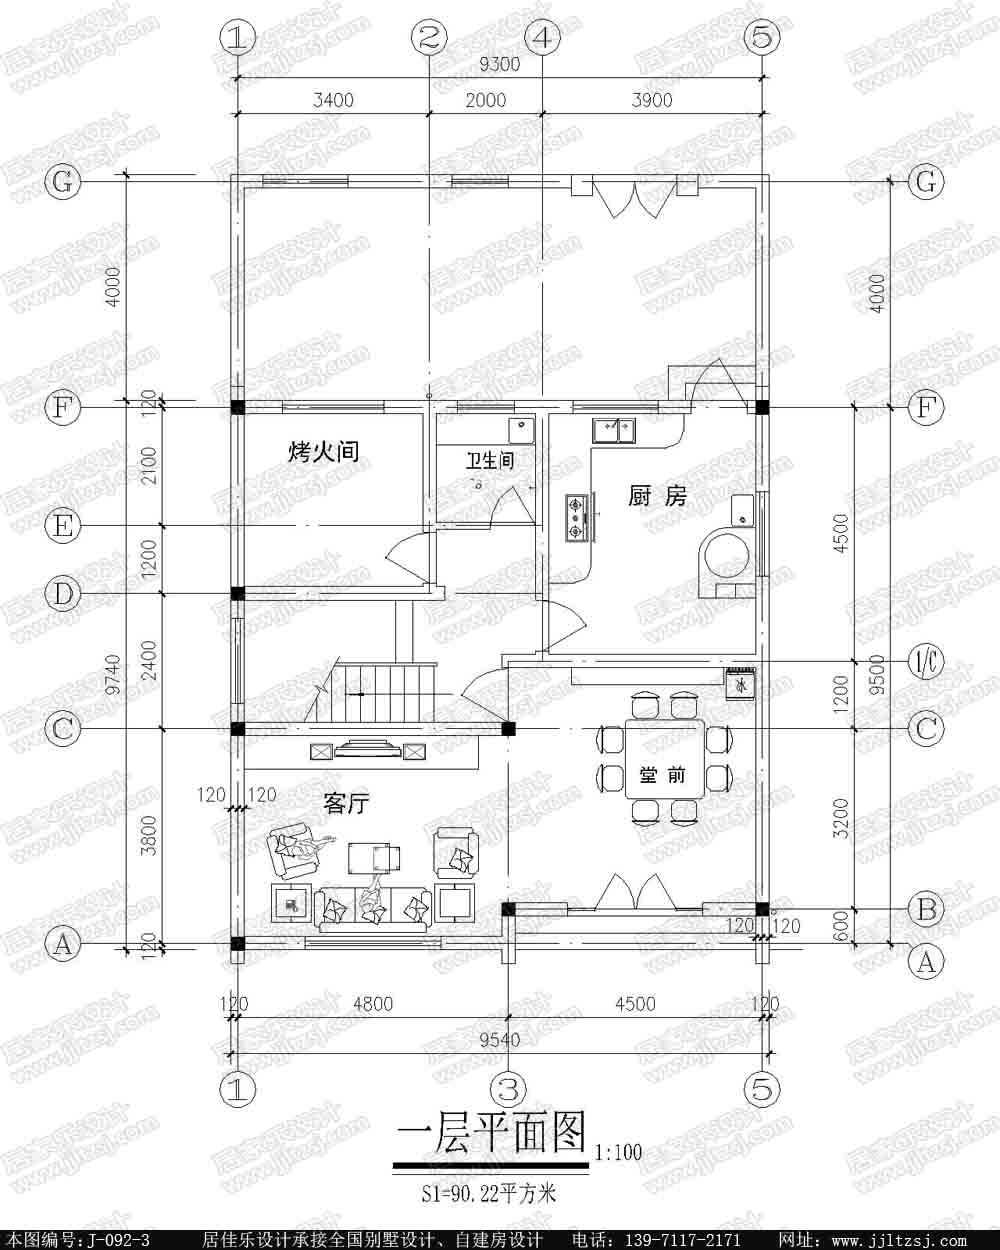 90平米新农村三层自建房全套别墅设计施工图(带露台阳台)首层平面图